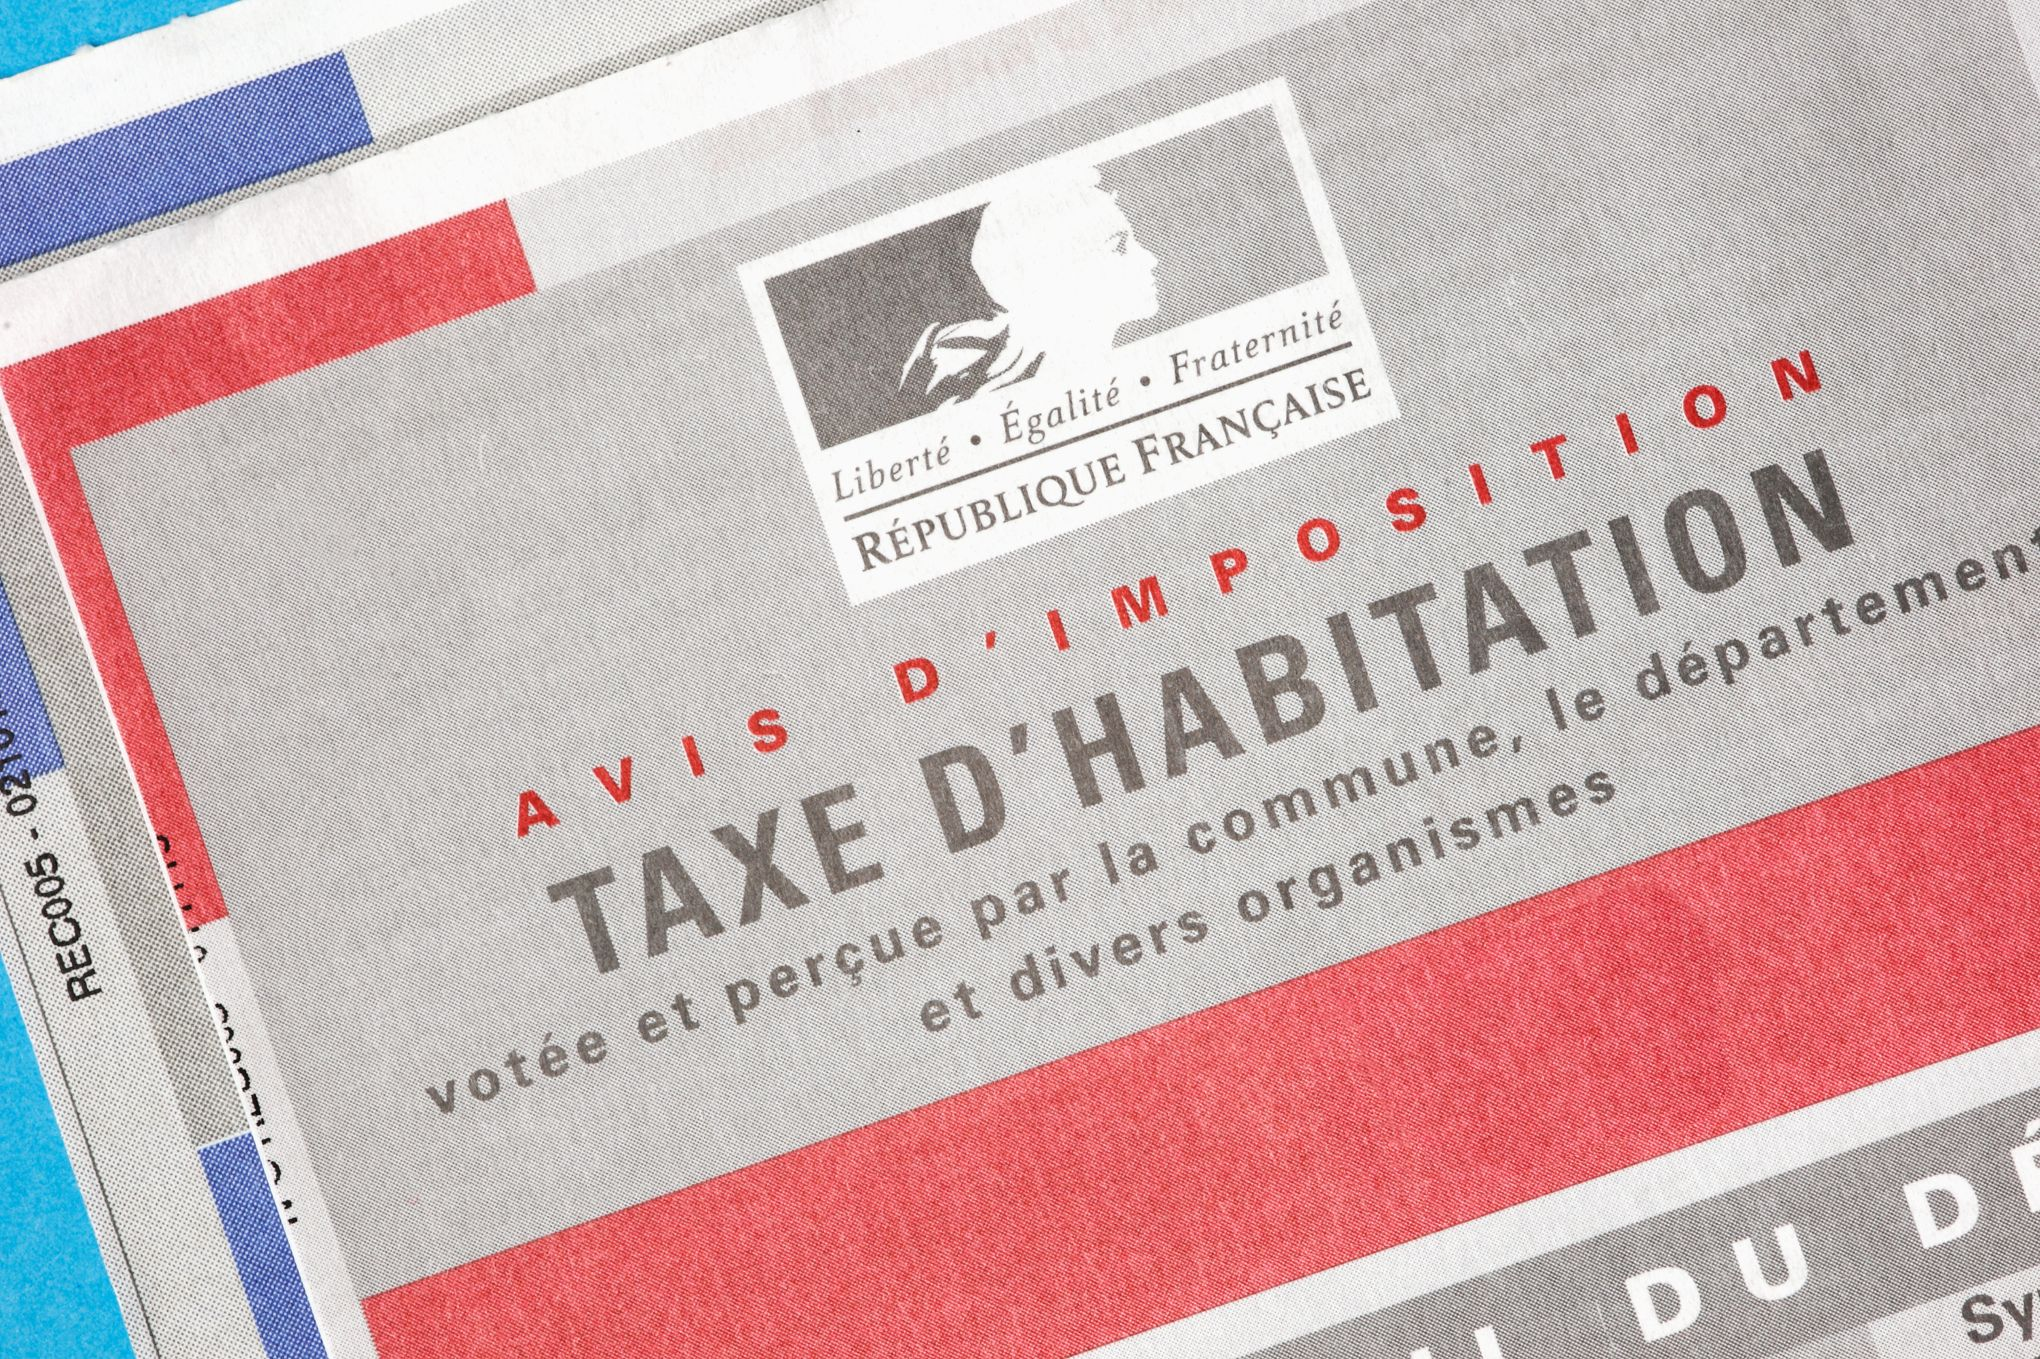 La taxe d'habitation 2018 est à payer avant le 15 novembre